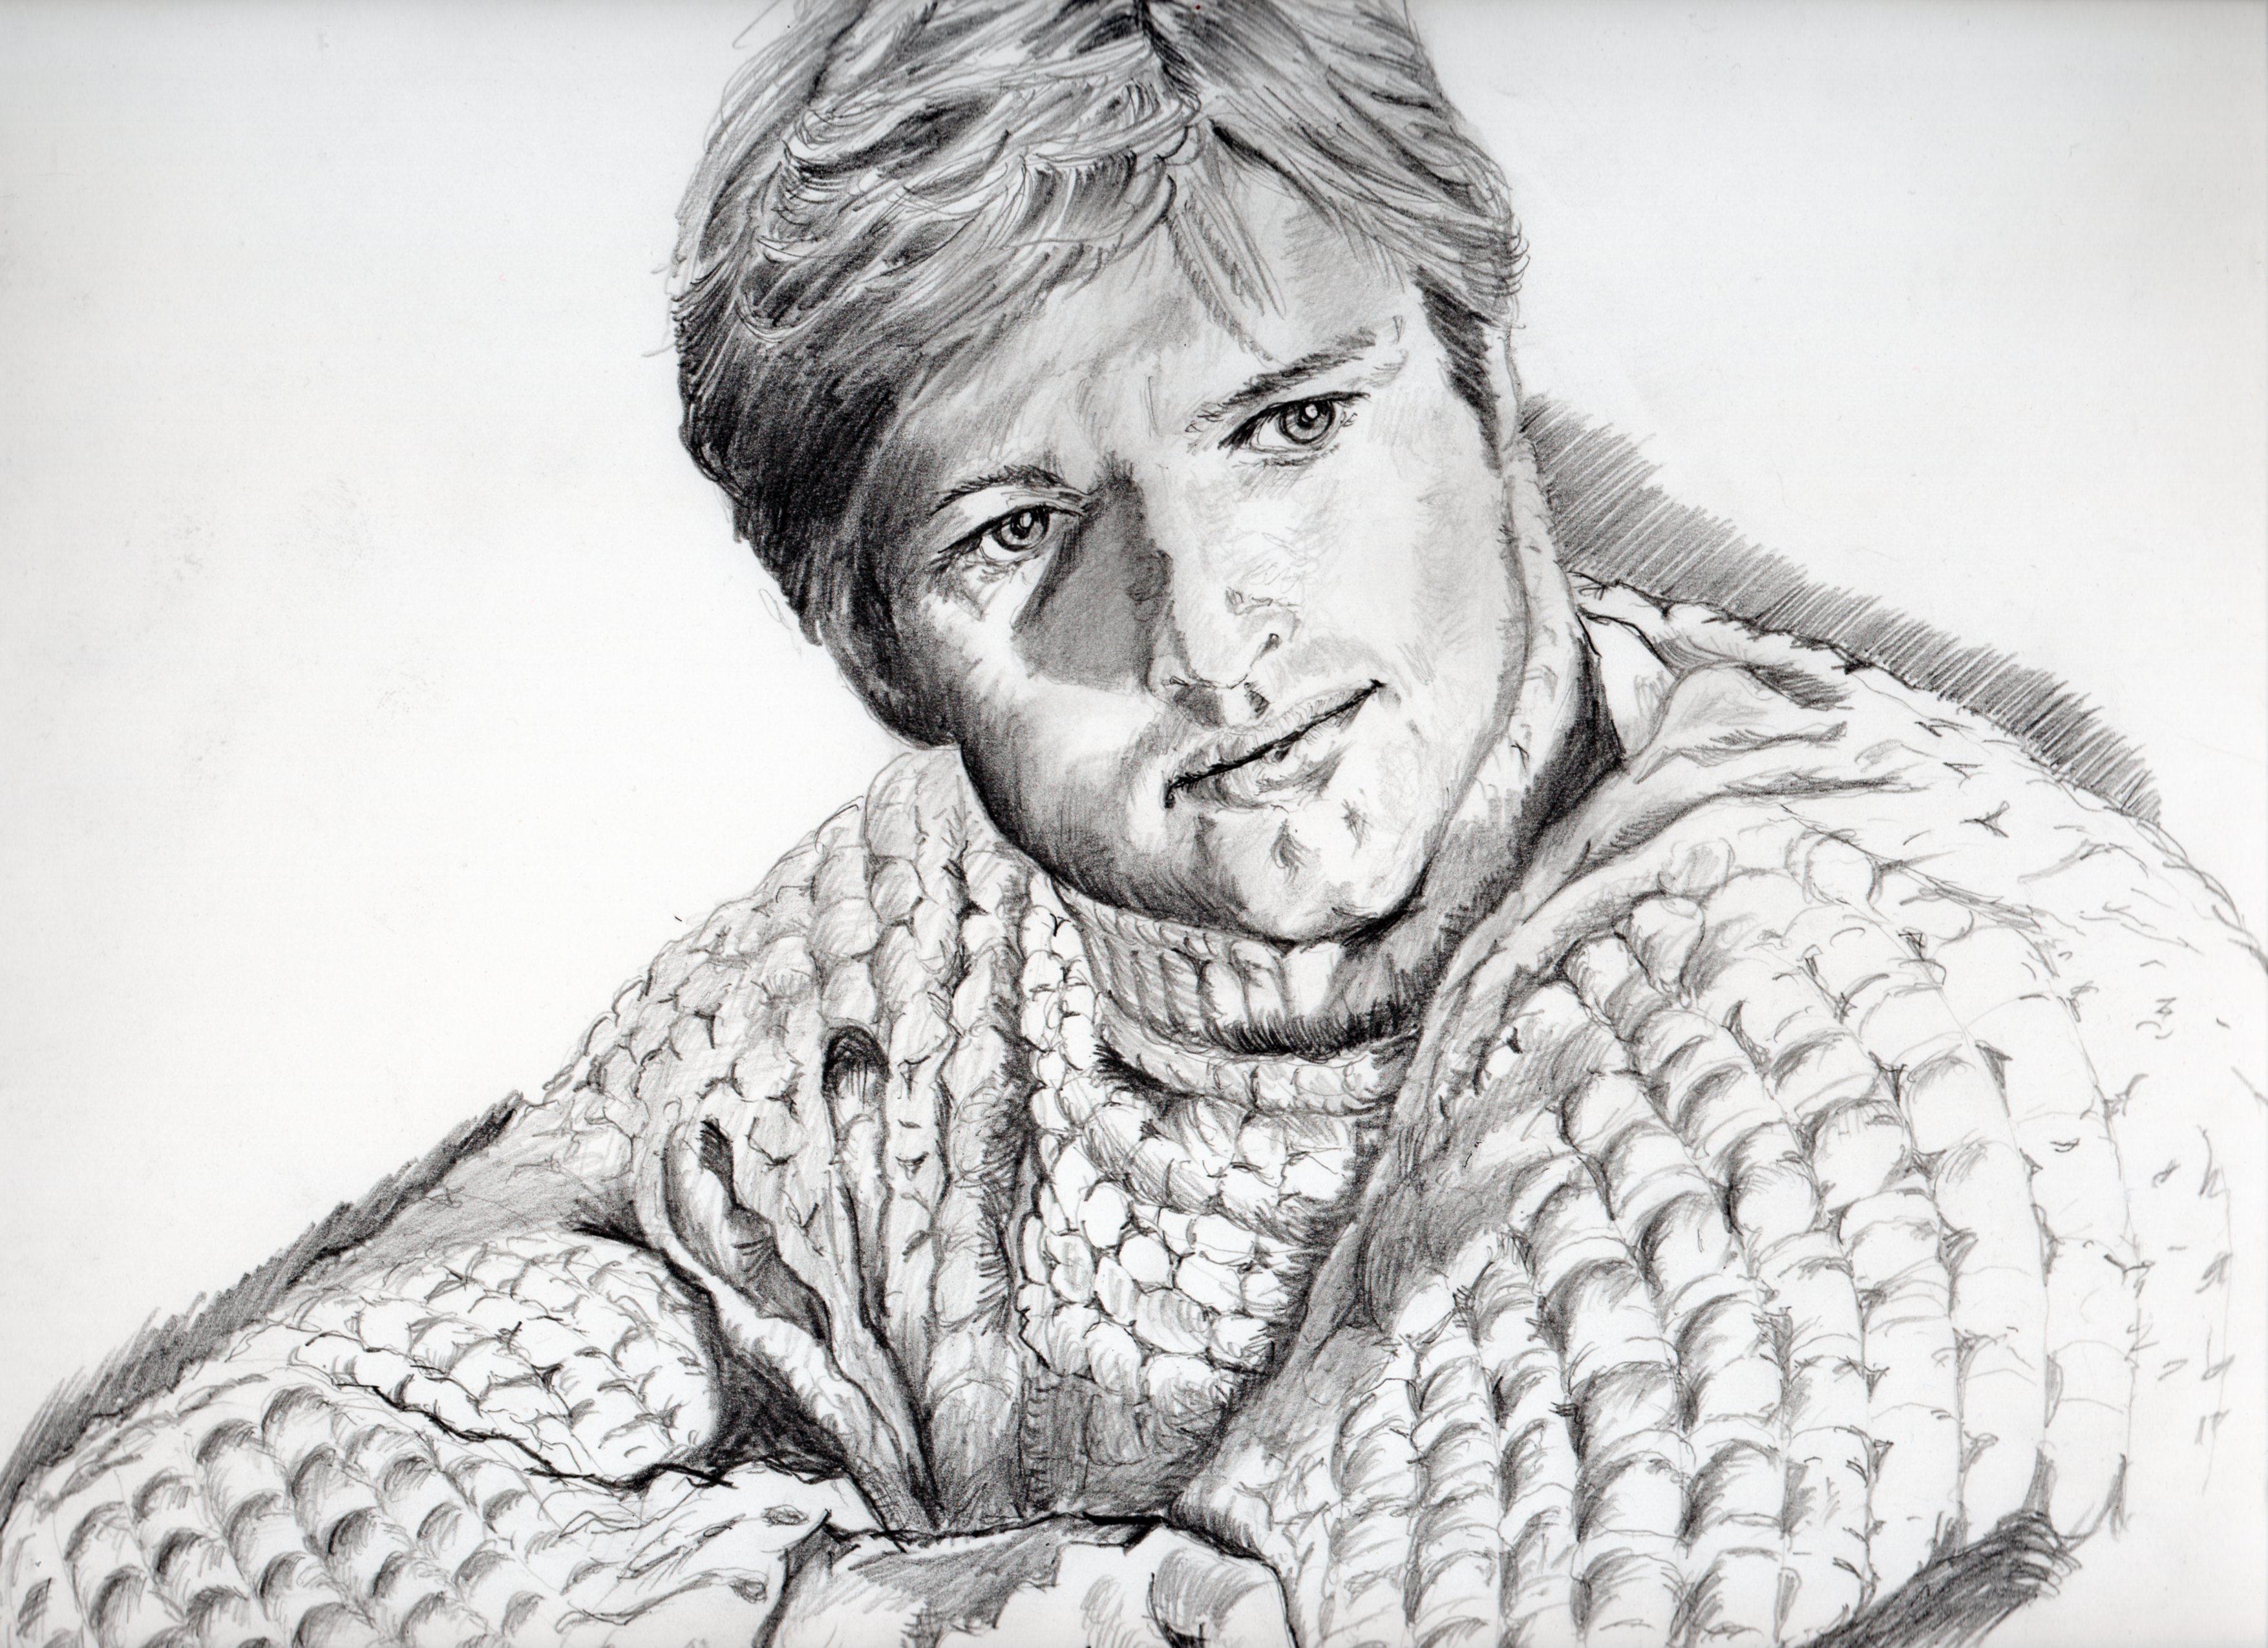 ロバート・レッドフォードの鉛筆画似顔絵、ロバート・レッドフォードのリアル鉛筆画似顔絵